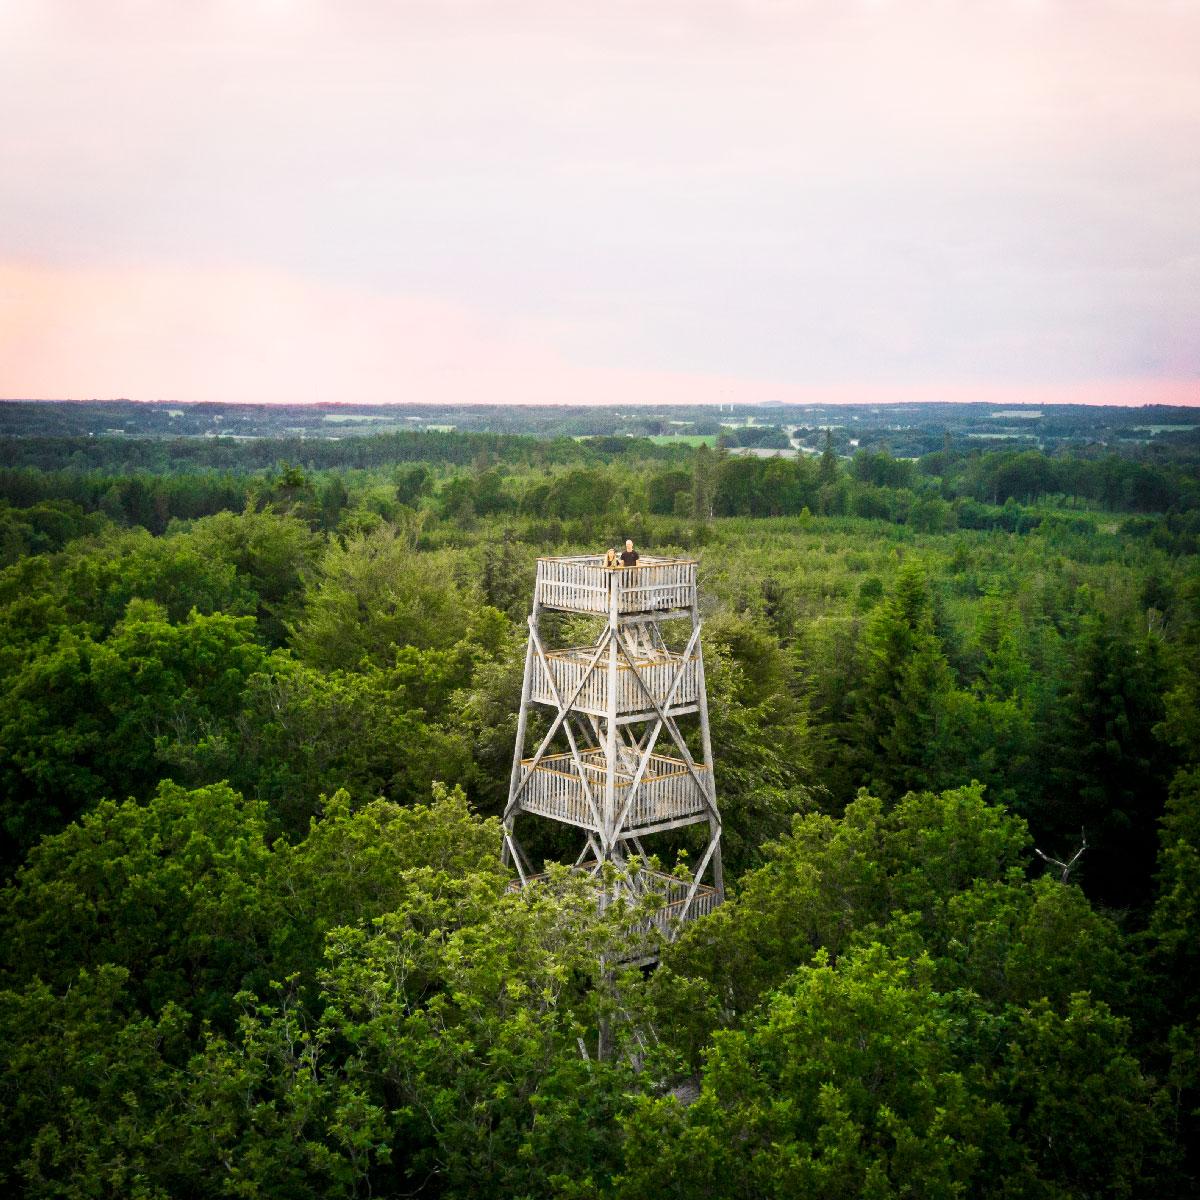 Fru Mettes Bjerg - udsigtstårn i Hundsbæk Plantage